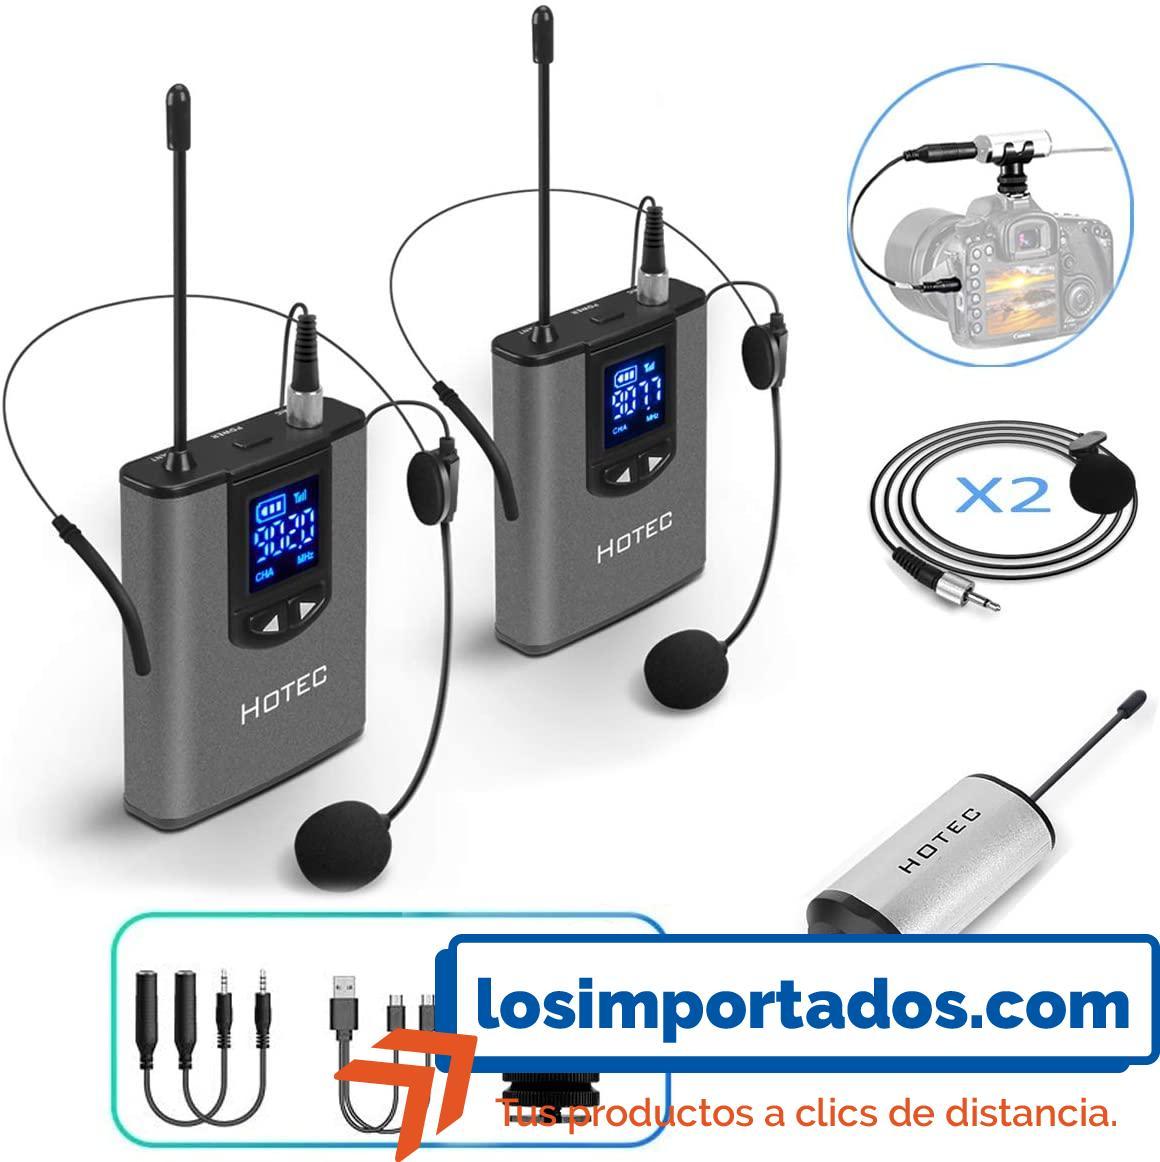 Hotec - Micrófono de auriculares inalámbricos para grabación y amplificador de voz